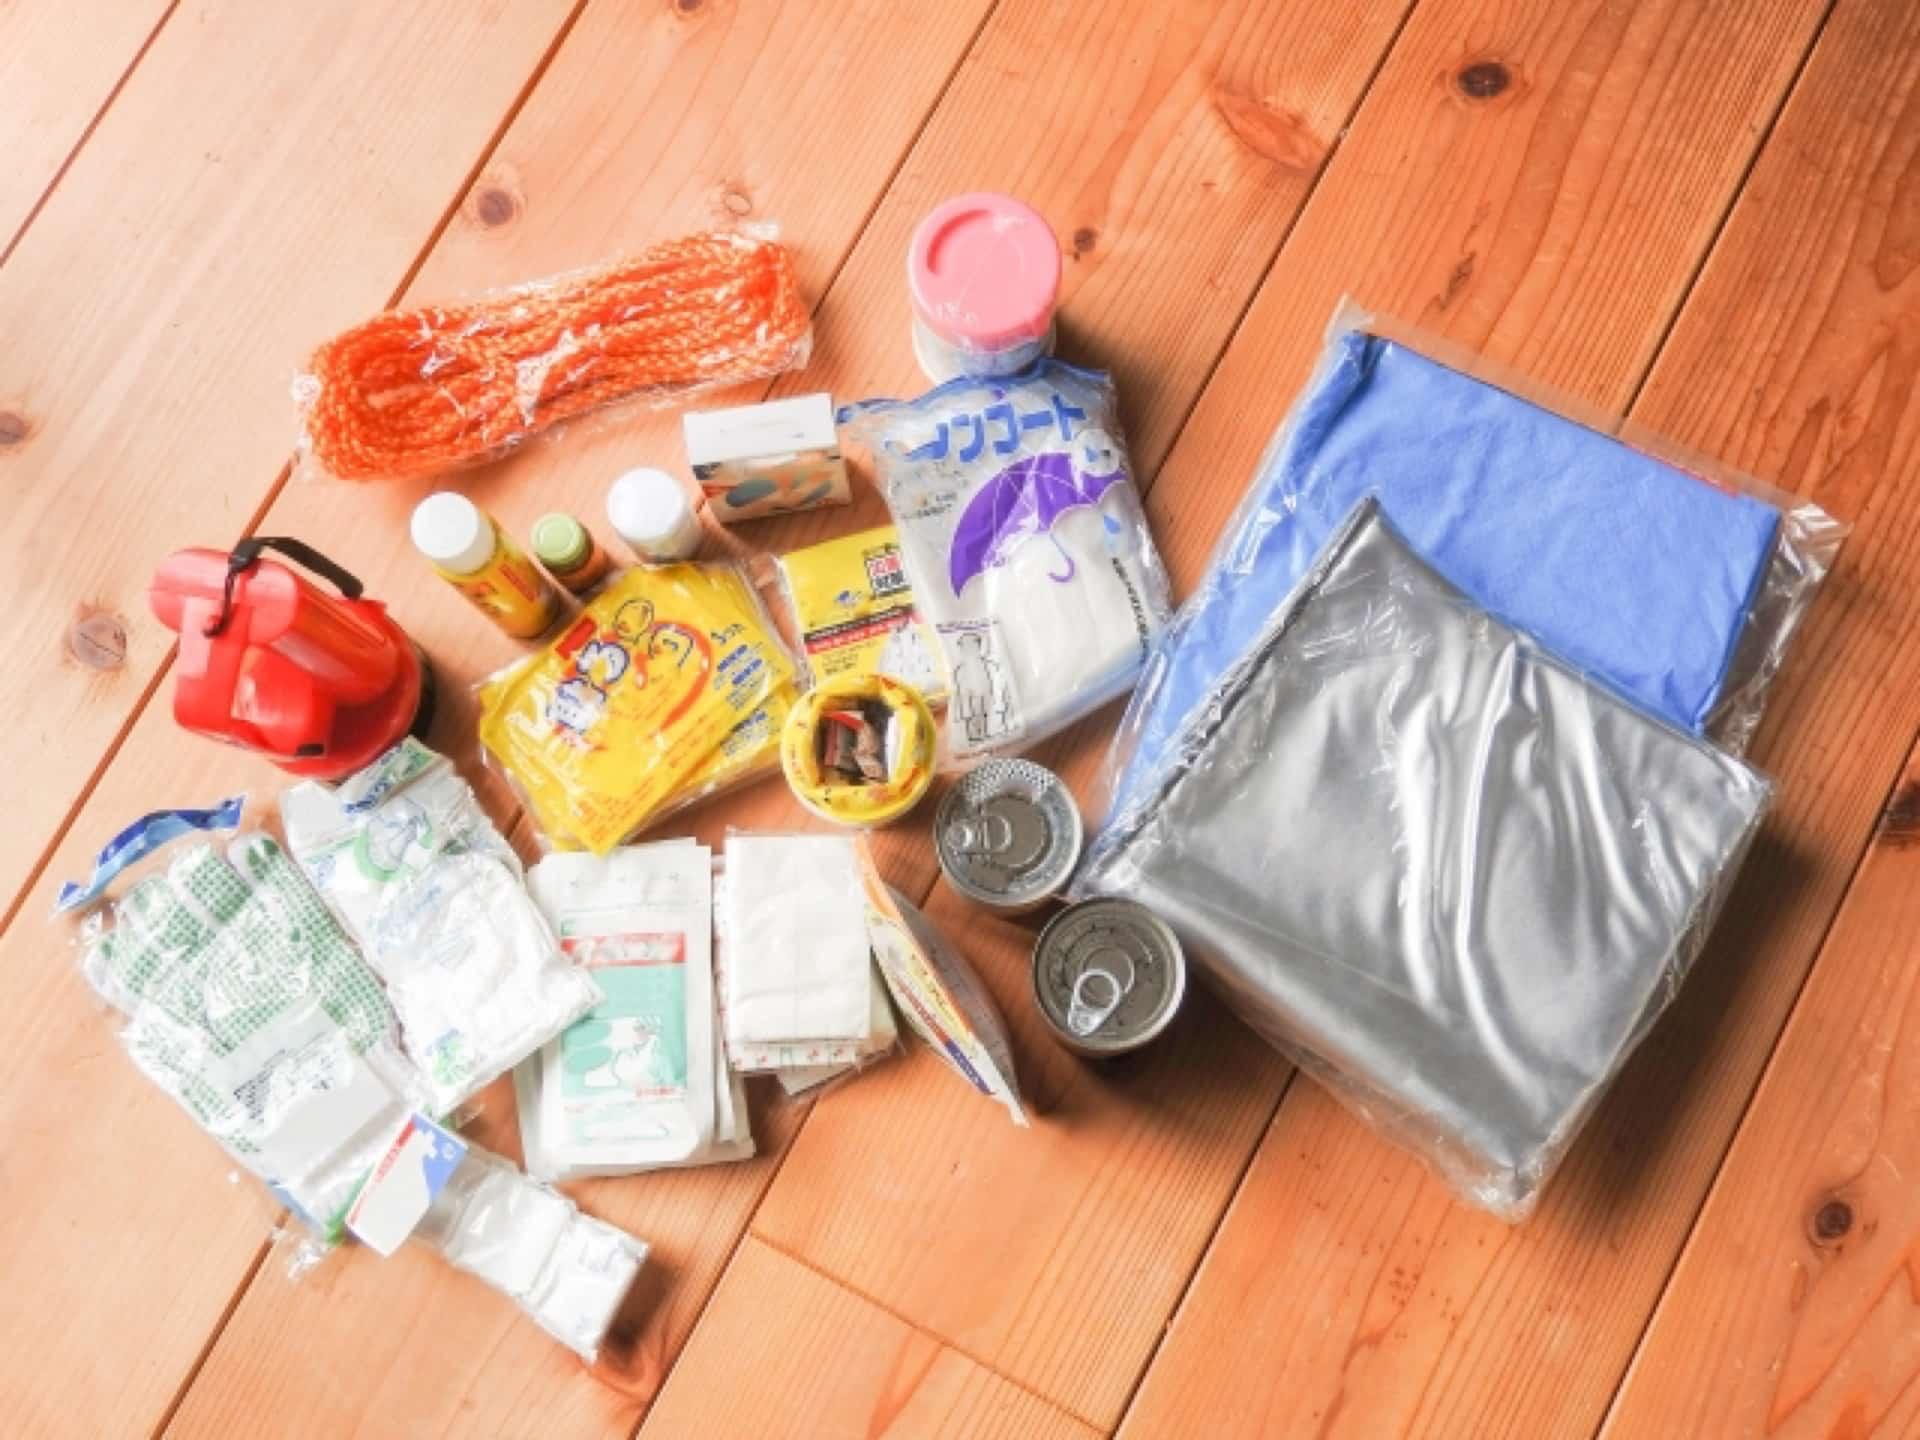 阪神淡路大震災の経験から伝える、今日からできる防災対策・おすすめ備蓄グッズ